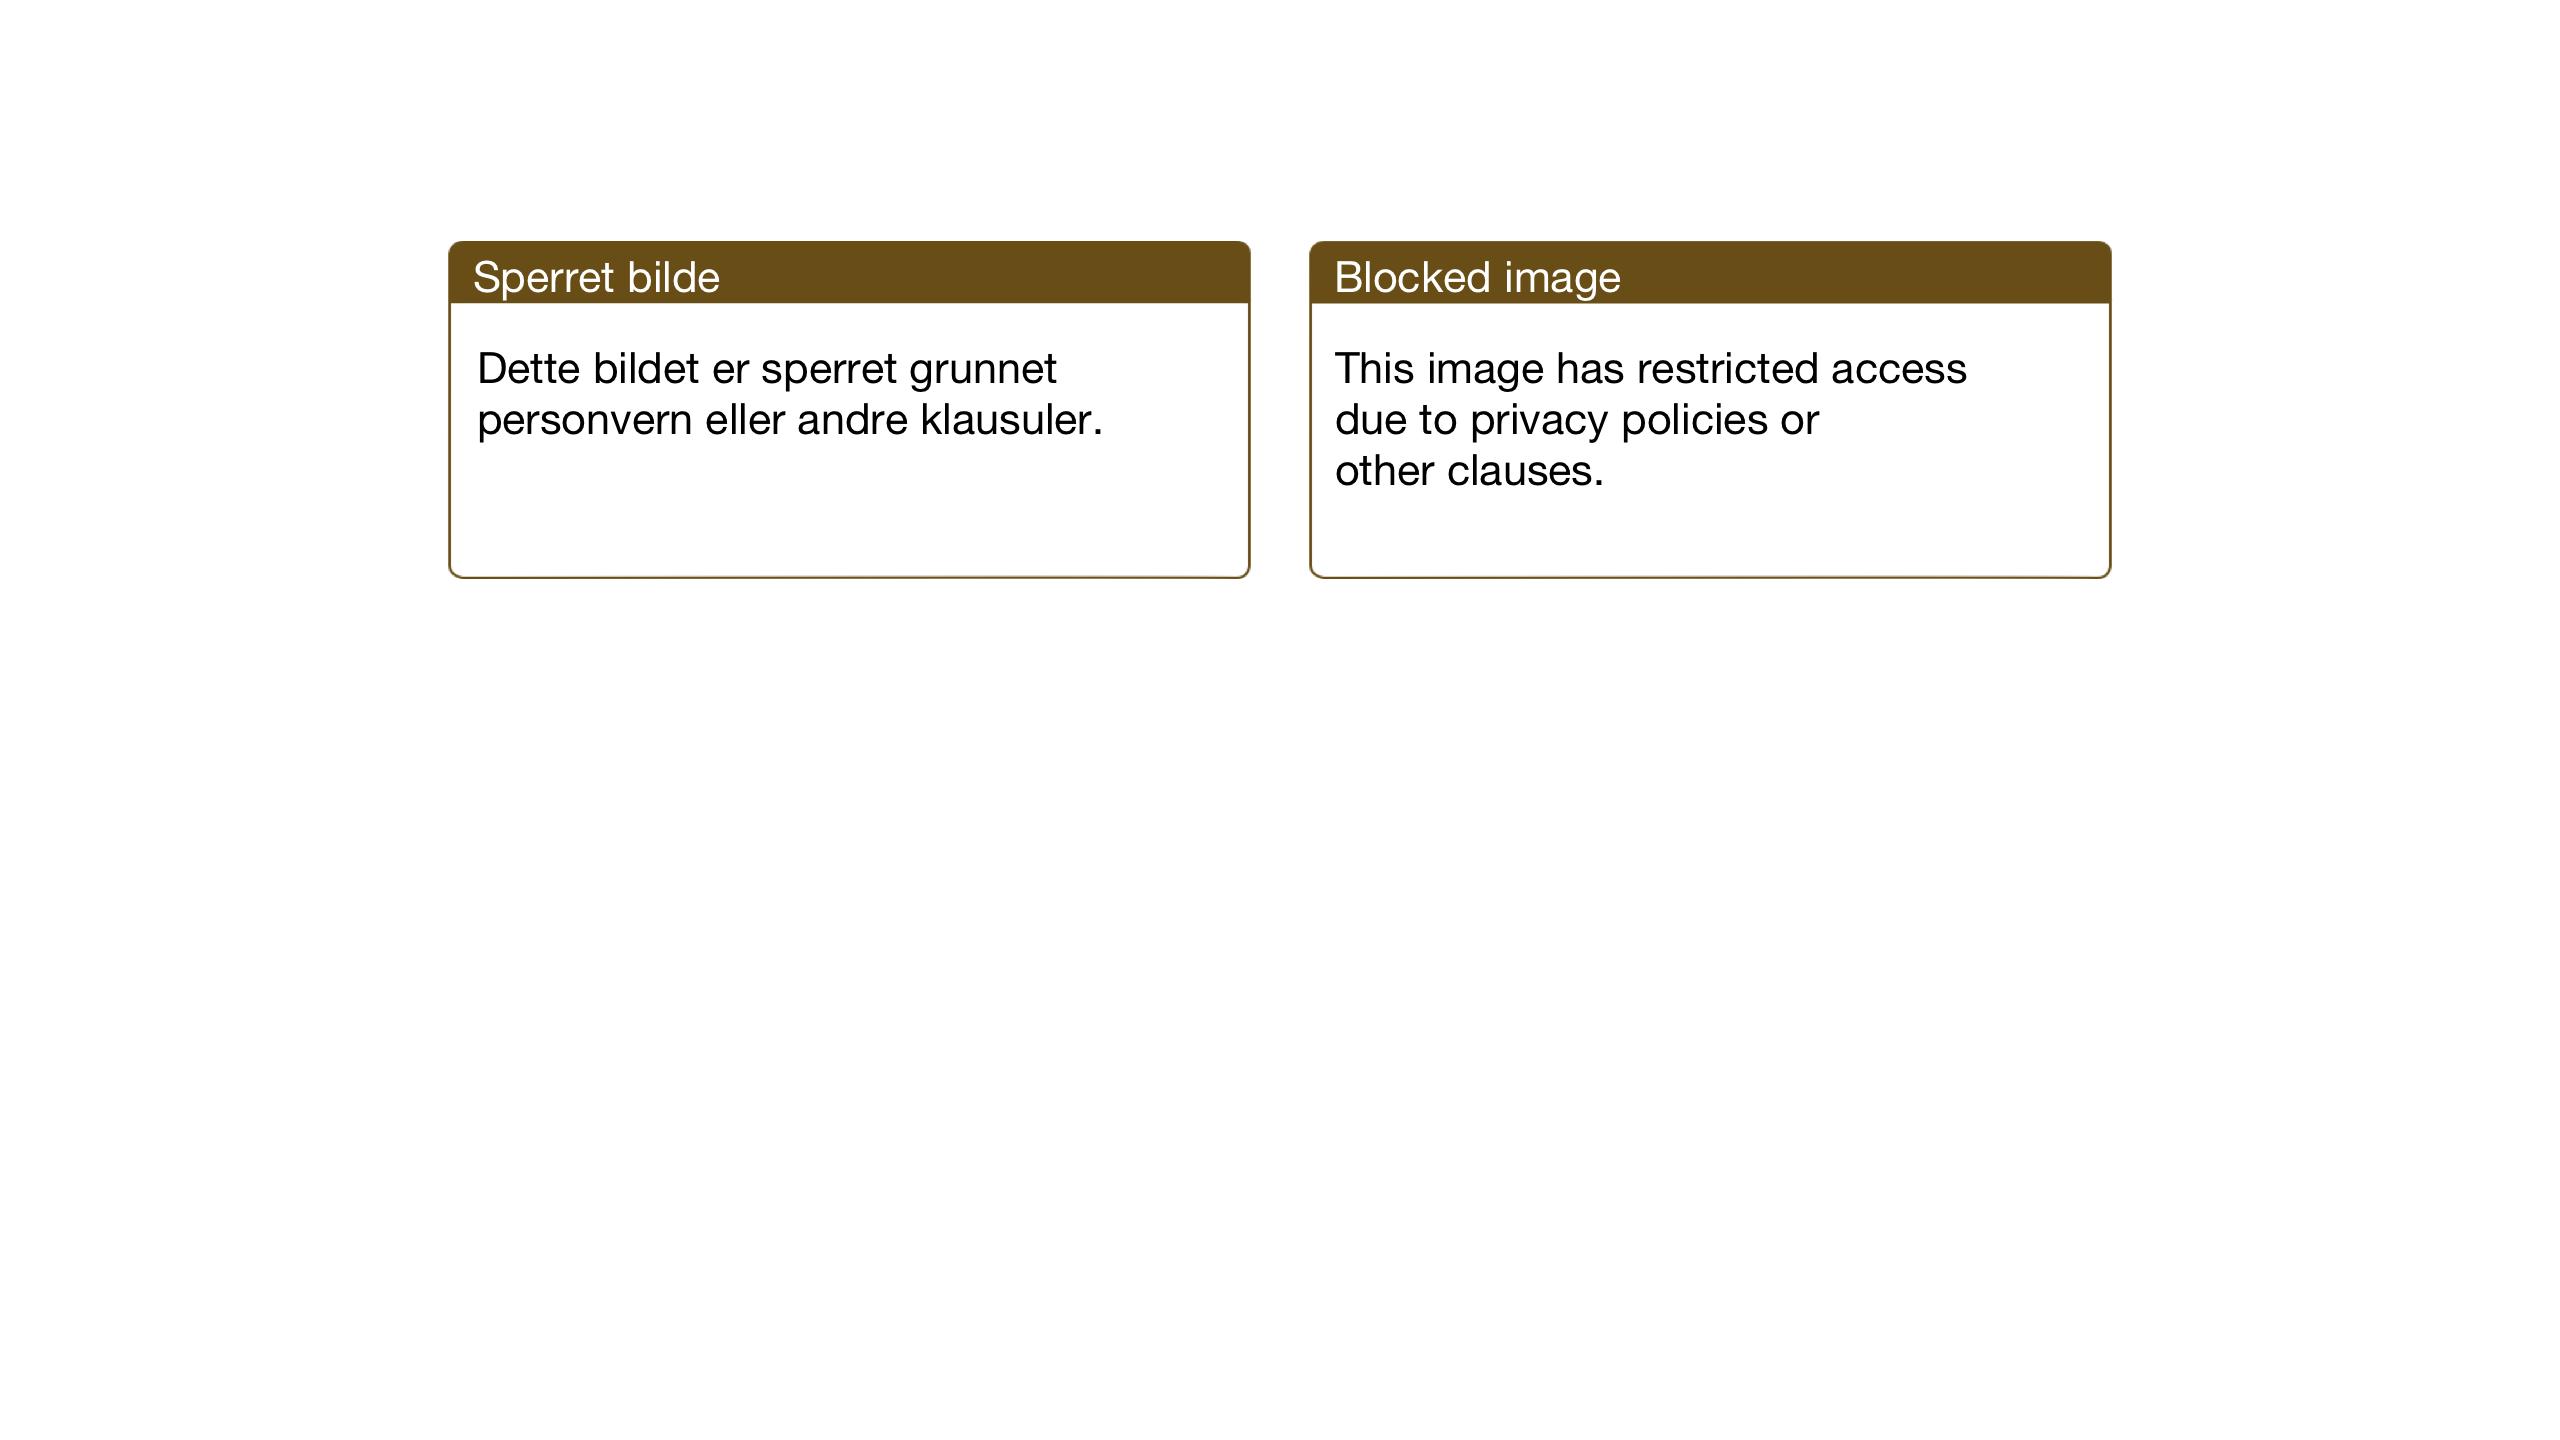 SAT, Ministerialprotokoller, klokkerbøker og fødselsregistre - Sør-Trøndelag, 682/L0947: Klokkerbok nr. 682C01, 1926-1968, s. 146